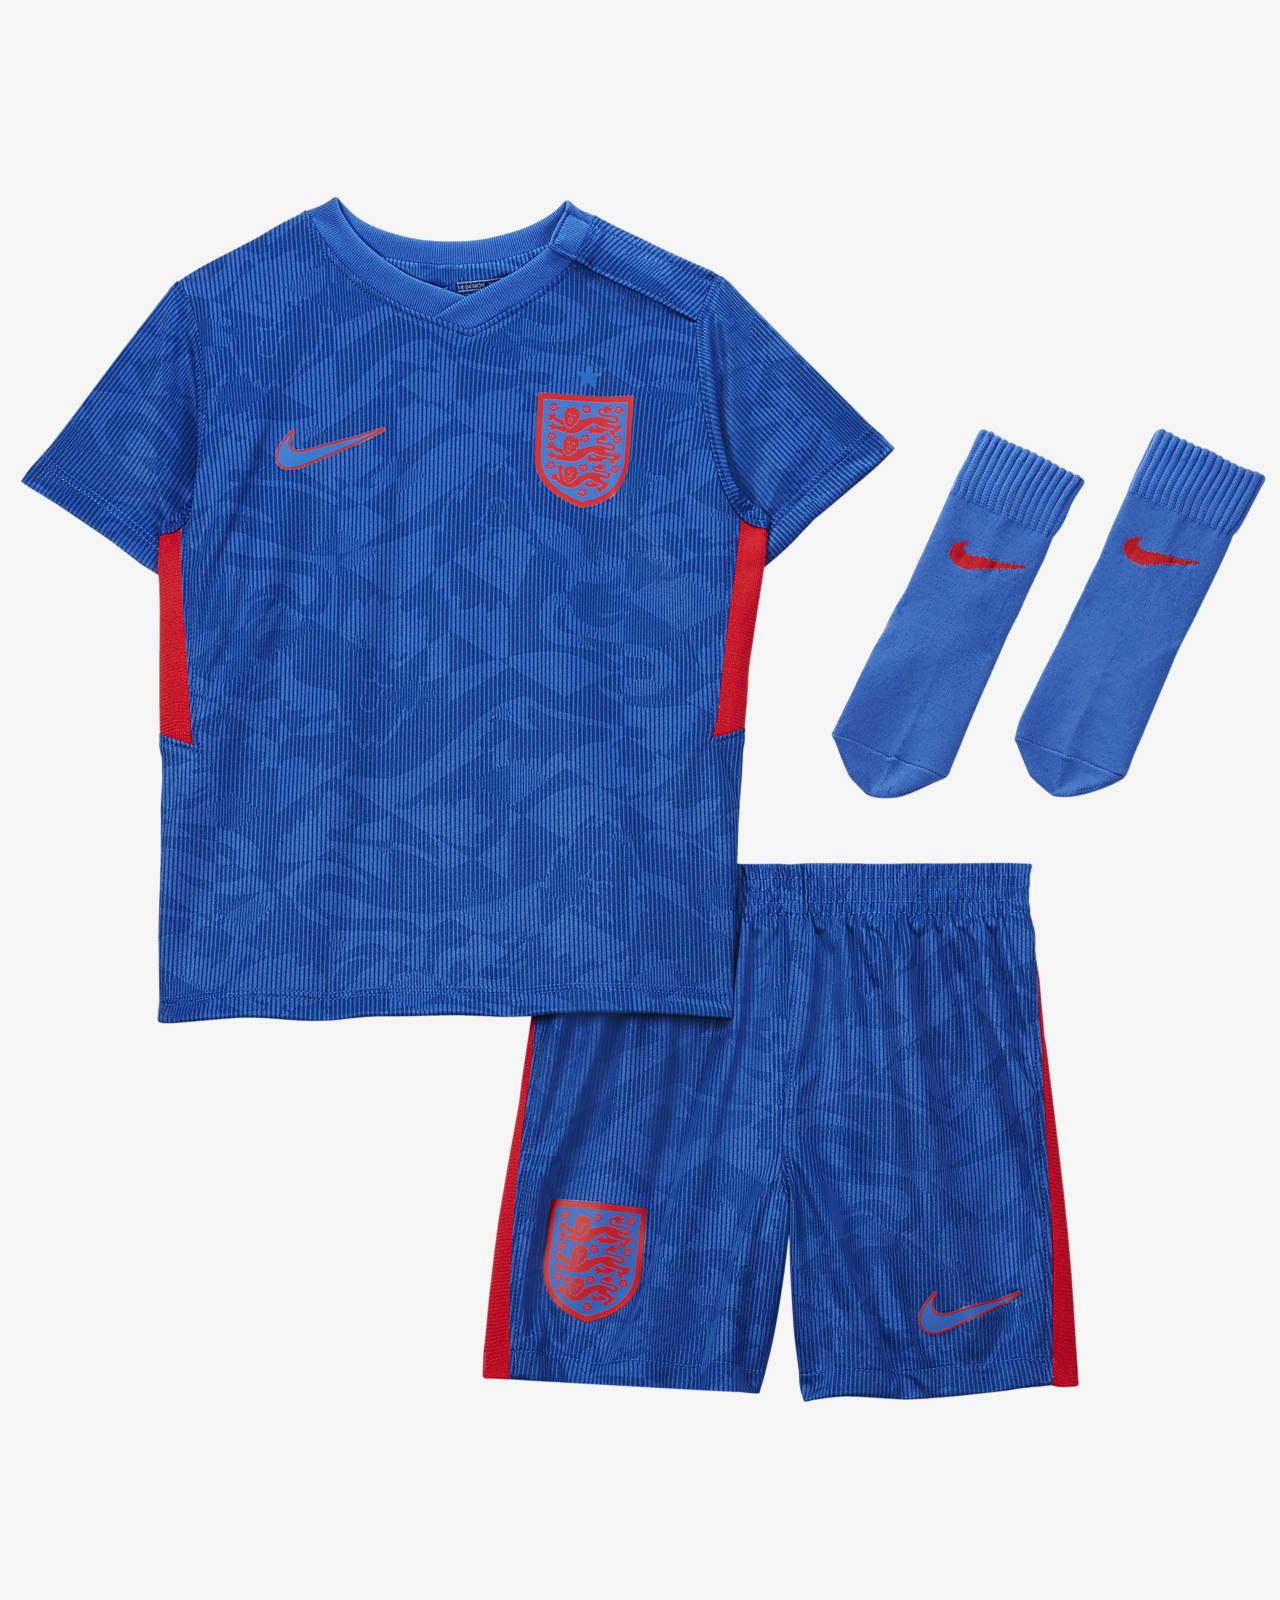 Tenue de football Angleterre 2020 Extérieur pour Bébé et Petit enfant